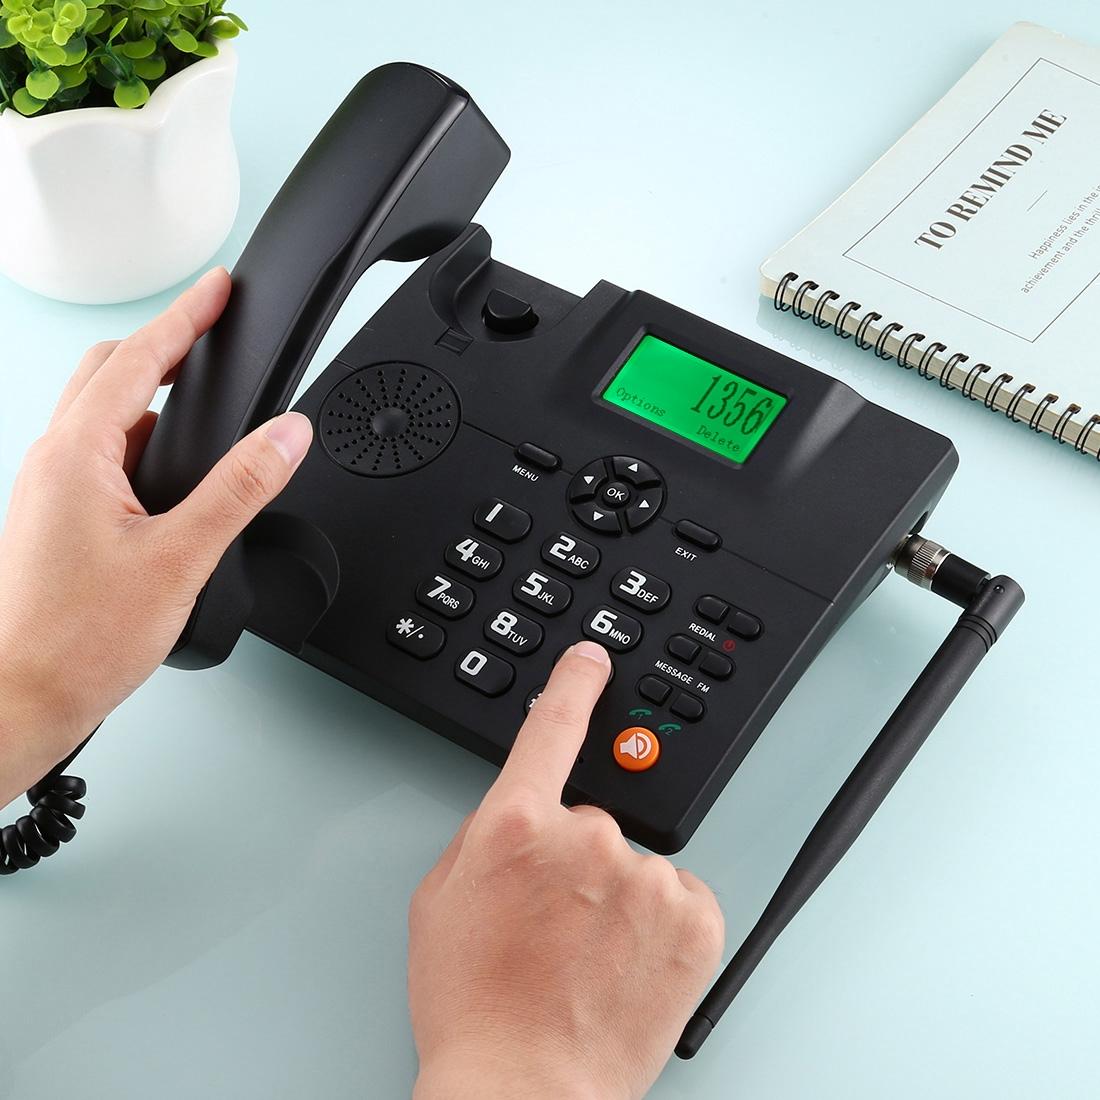 Дешевый мобильный телефон на заказ, проводной стационарный GSM телефон, проводные телефоны с гнездами для Sim-карт